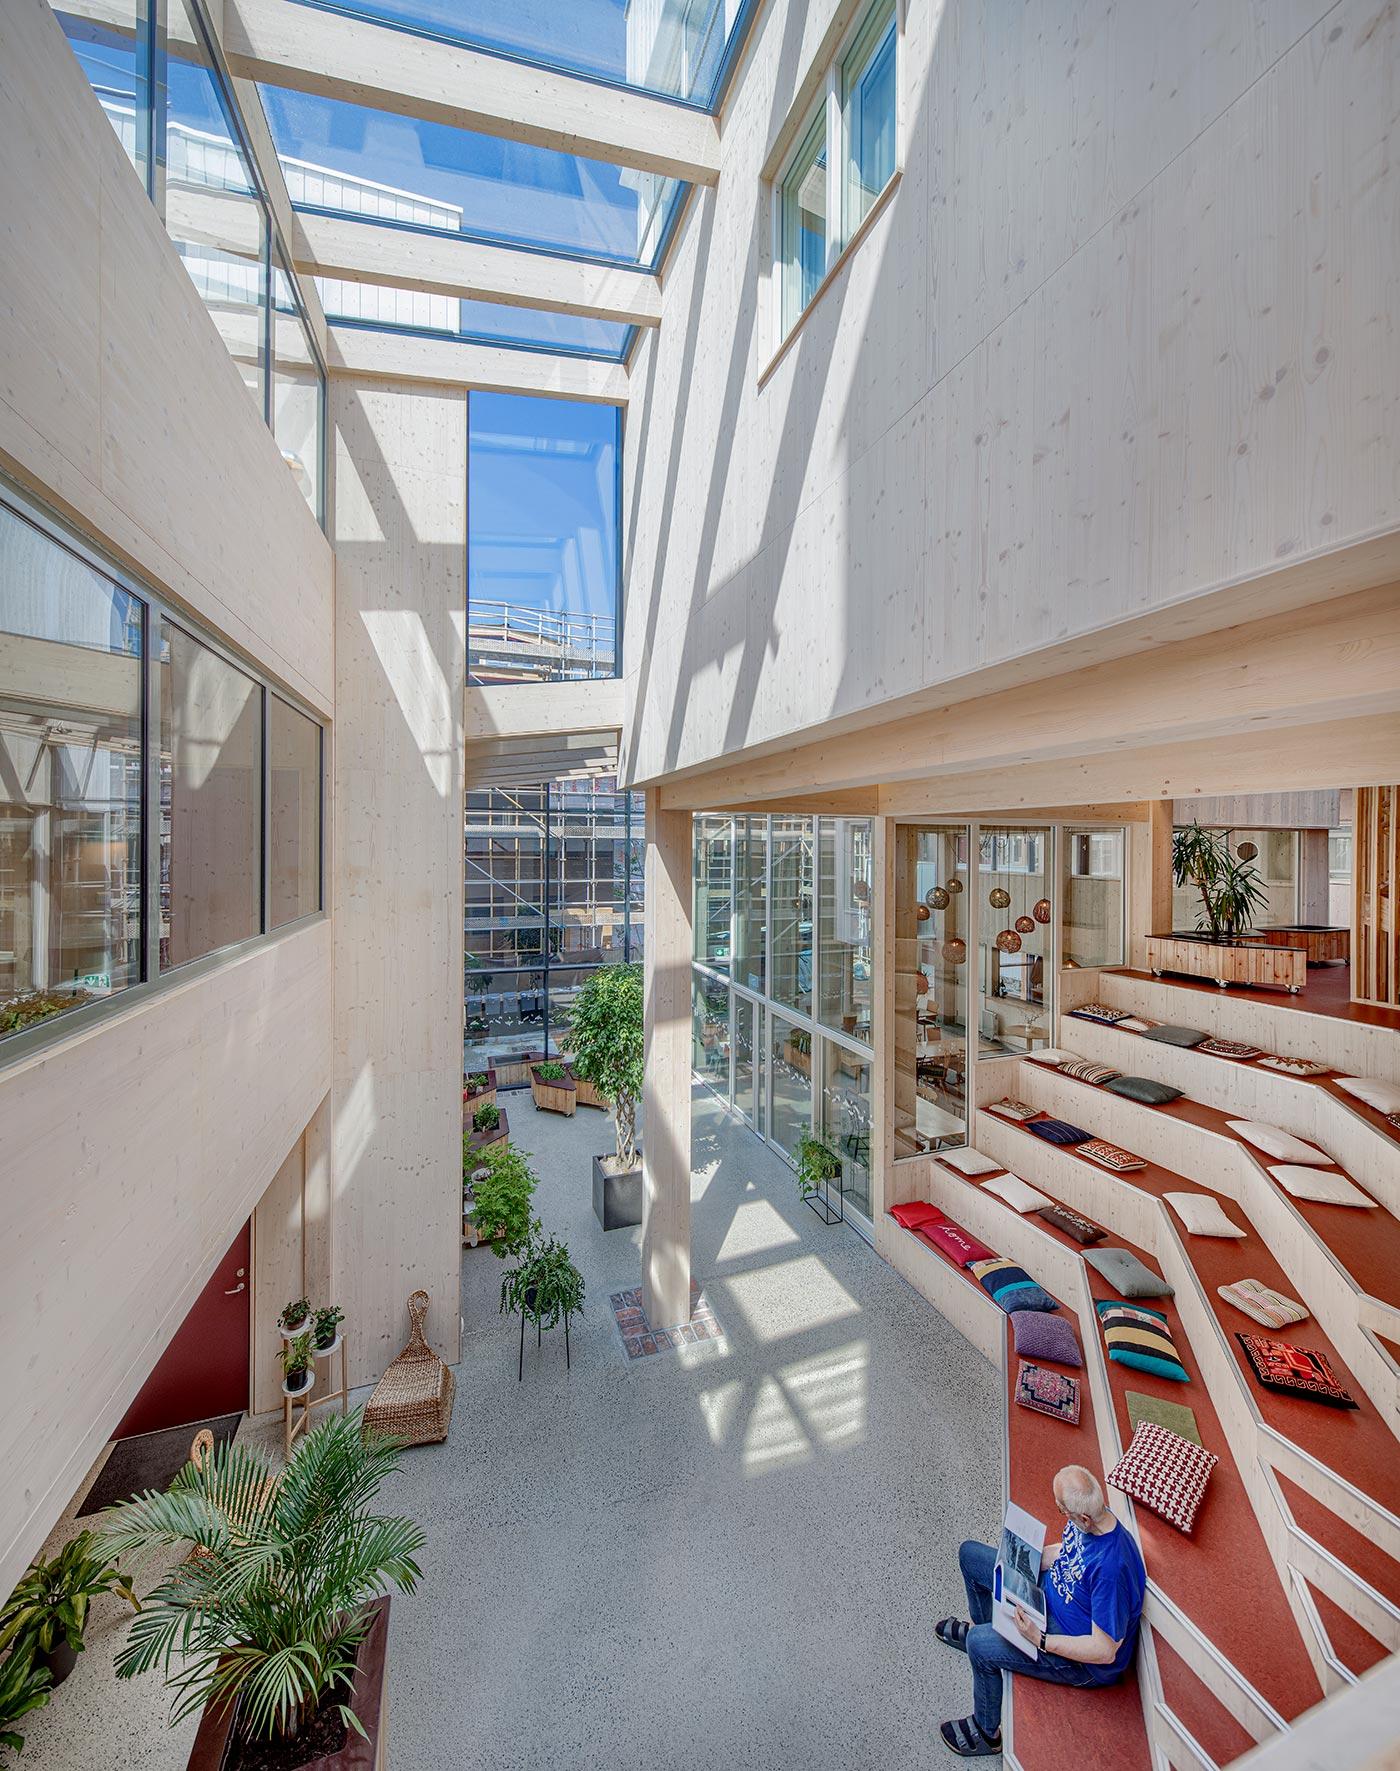 Aflangt rum med højt til loftet og ovenlysvinduer. Trappe i flere niveauer med puder hvor mand sidder og kigger i bog. Rundt i rummet er placeret grønne planter.